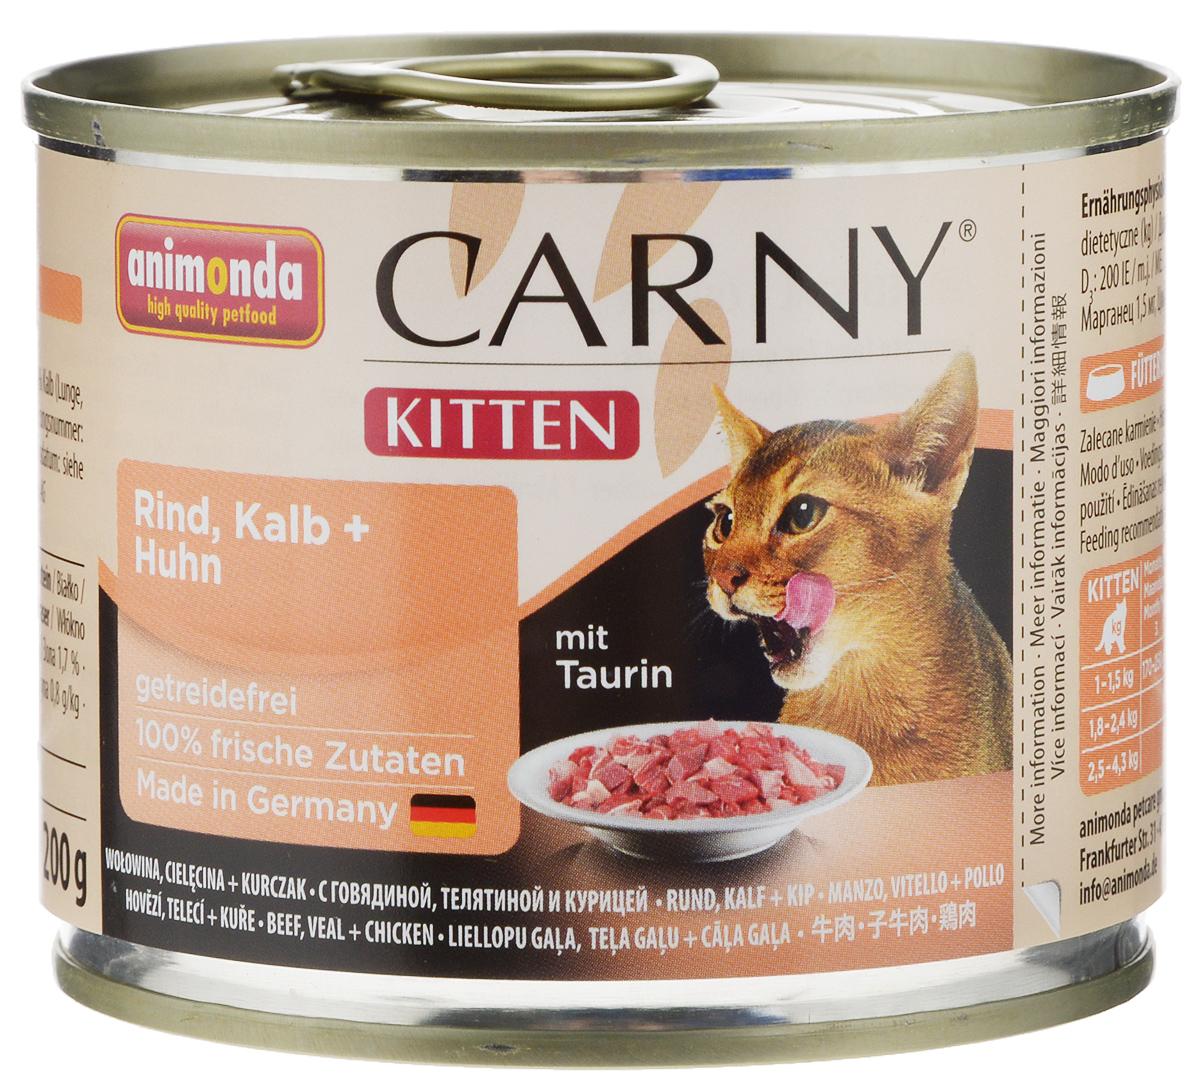 Консервы Animonda Carny для котят, с говядиной, телятиной и курицей, 200 г83699Консервы Animonda Carny - это высококачественное полноценное консервированное питание для котят. Товар сертифицирован.